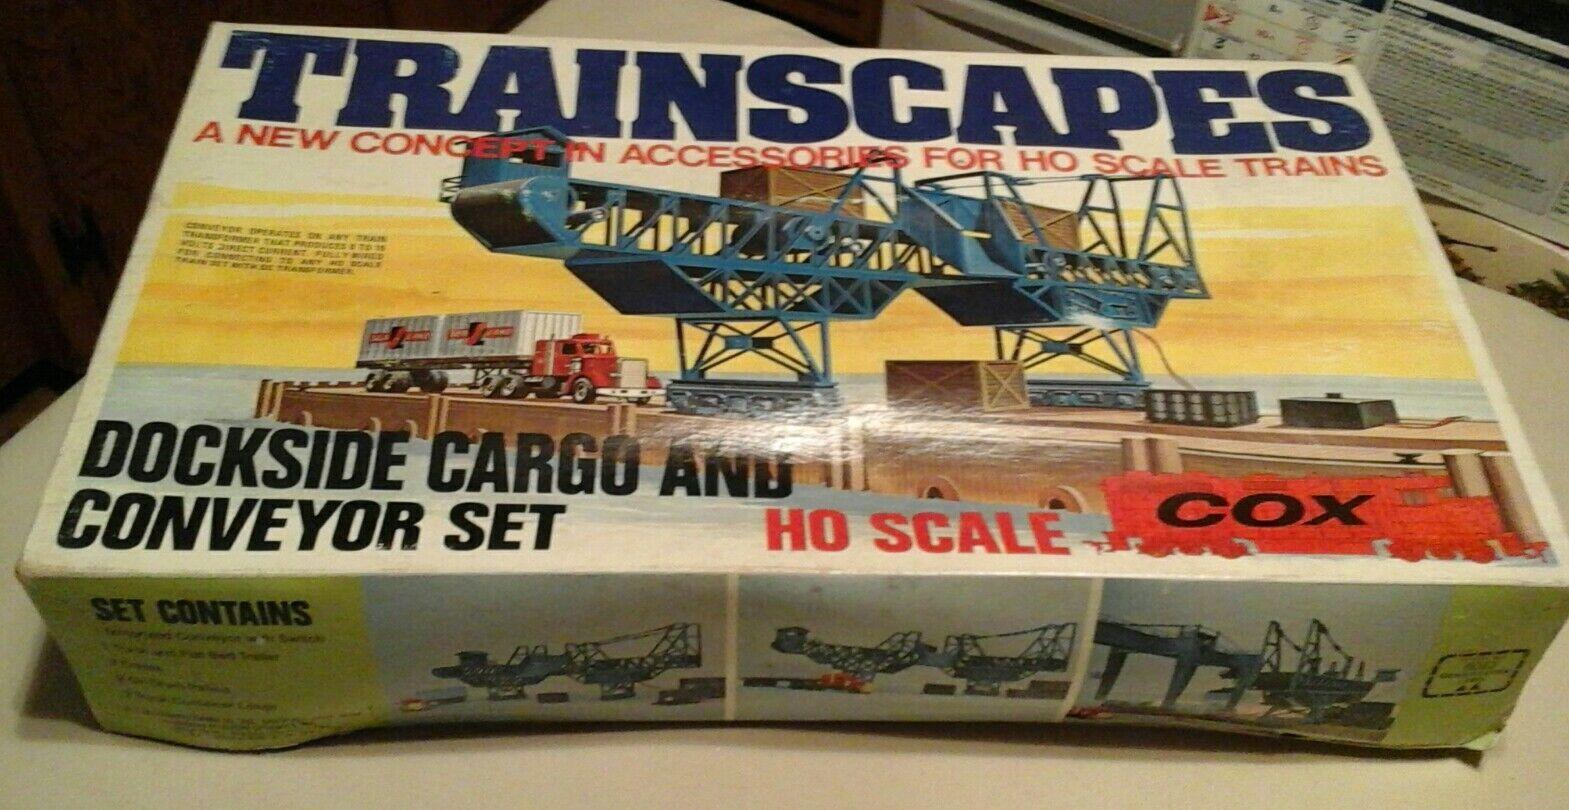 COX i trenicapes Dockside autogo e Trasportatore Set Kit di modellolo in Plastica